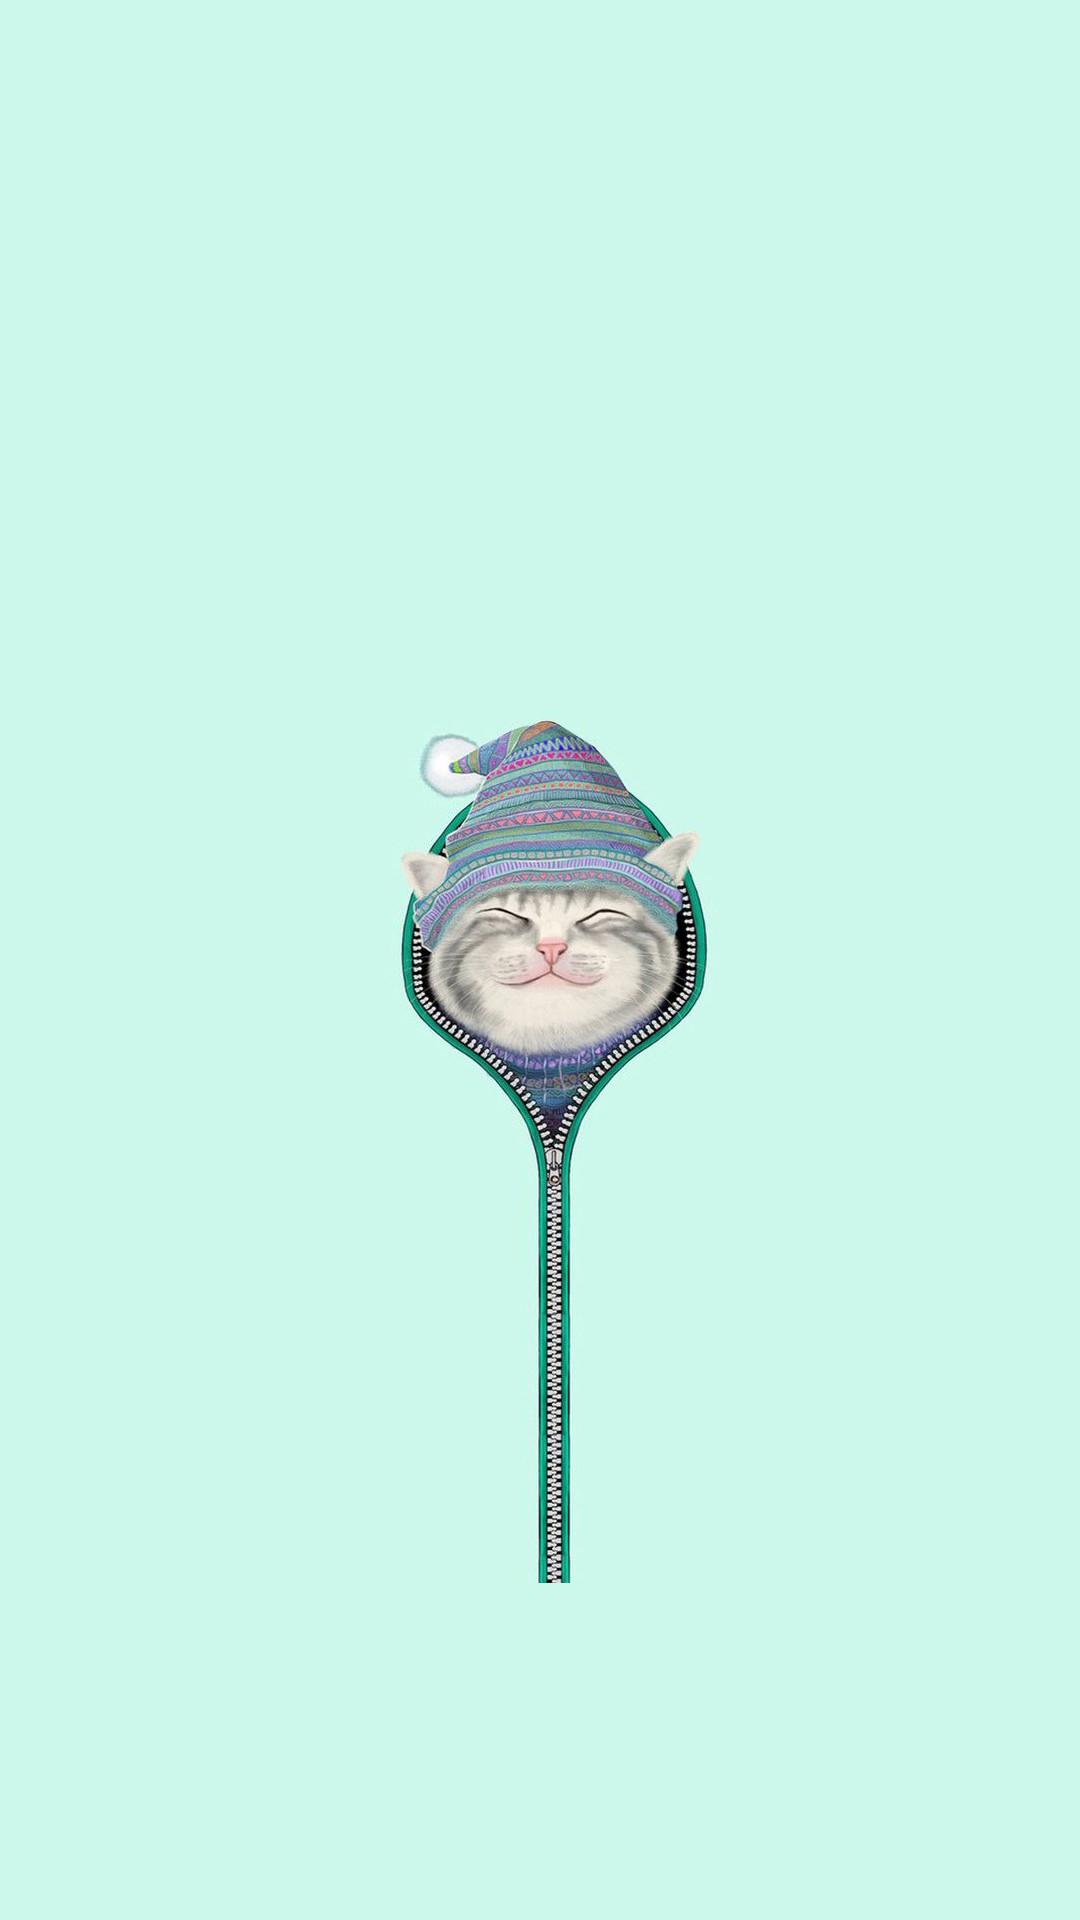 Funny Cat Zipper Fur Cap Hat iPhone 6+ HD Wallpaper – https://